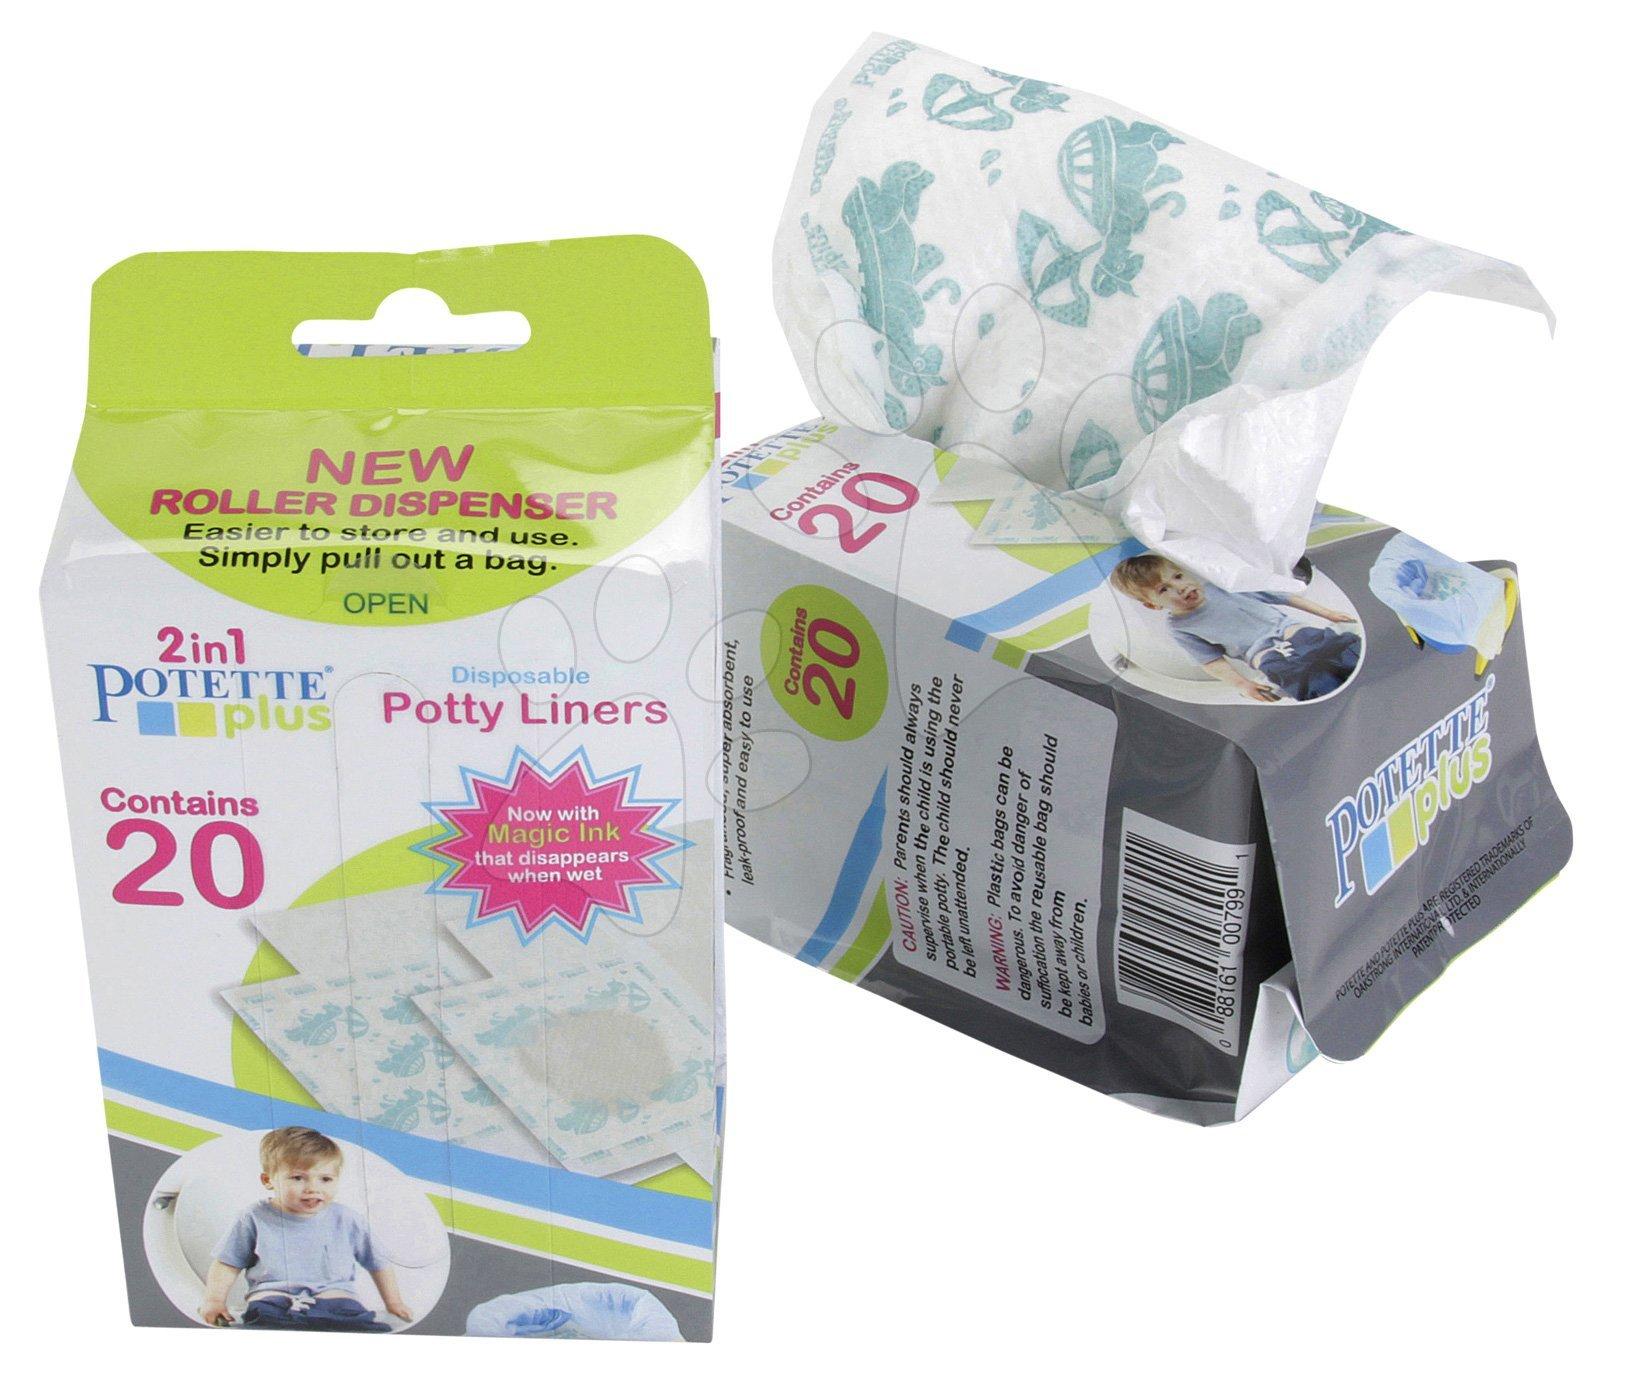 Dodatno polnilo za potovalno kahlico/otroškega nastavka Potette Plus 20 kosov